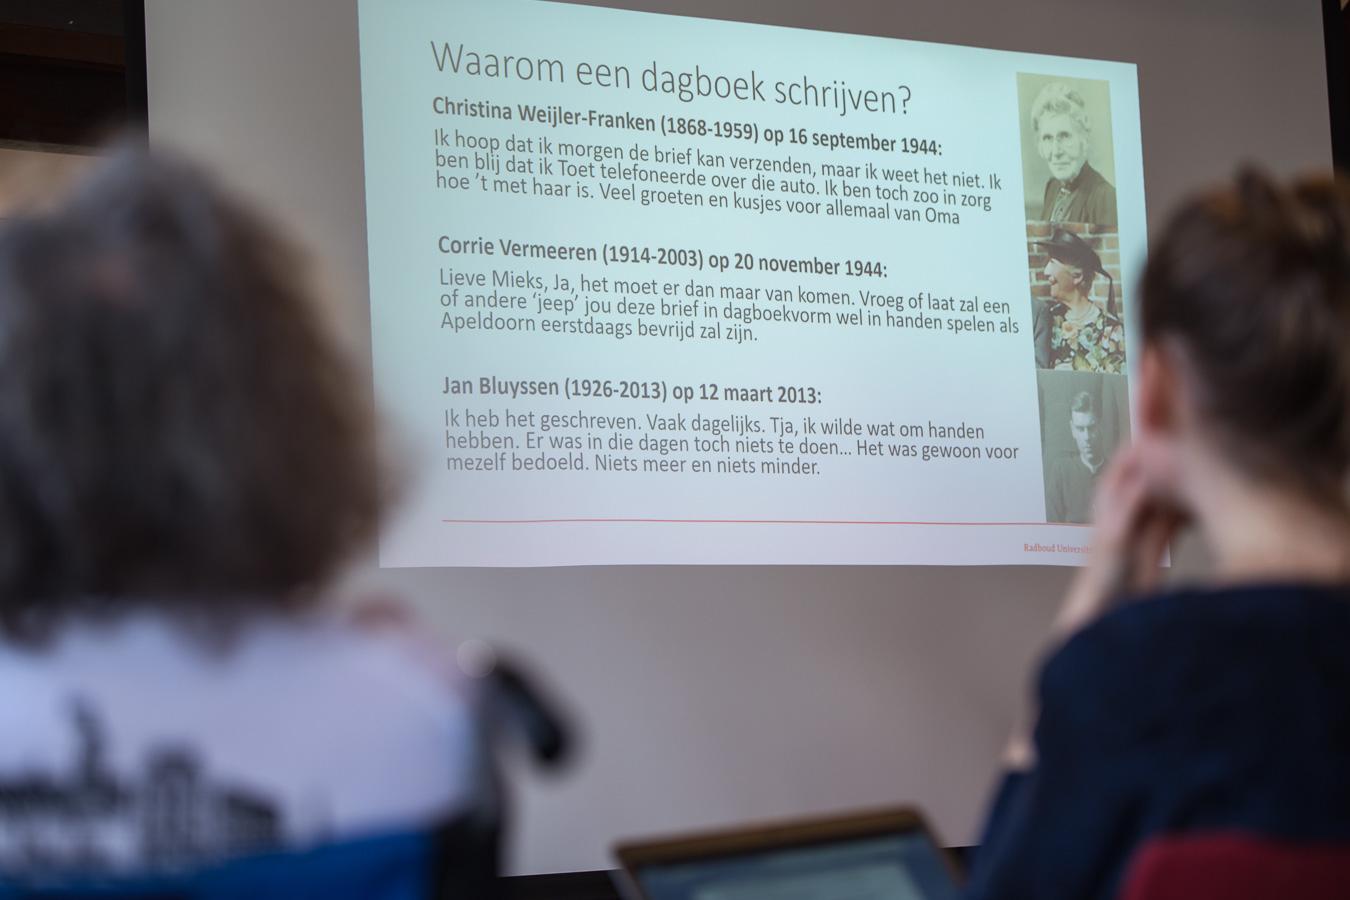 Joost Rosendaal onderzocht waarom mensen oorlogsdagboeken bijhielden